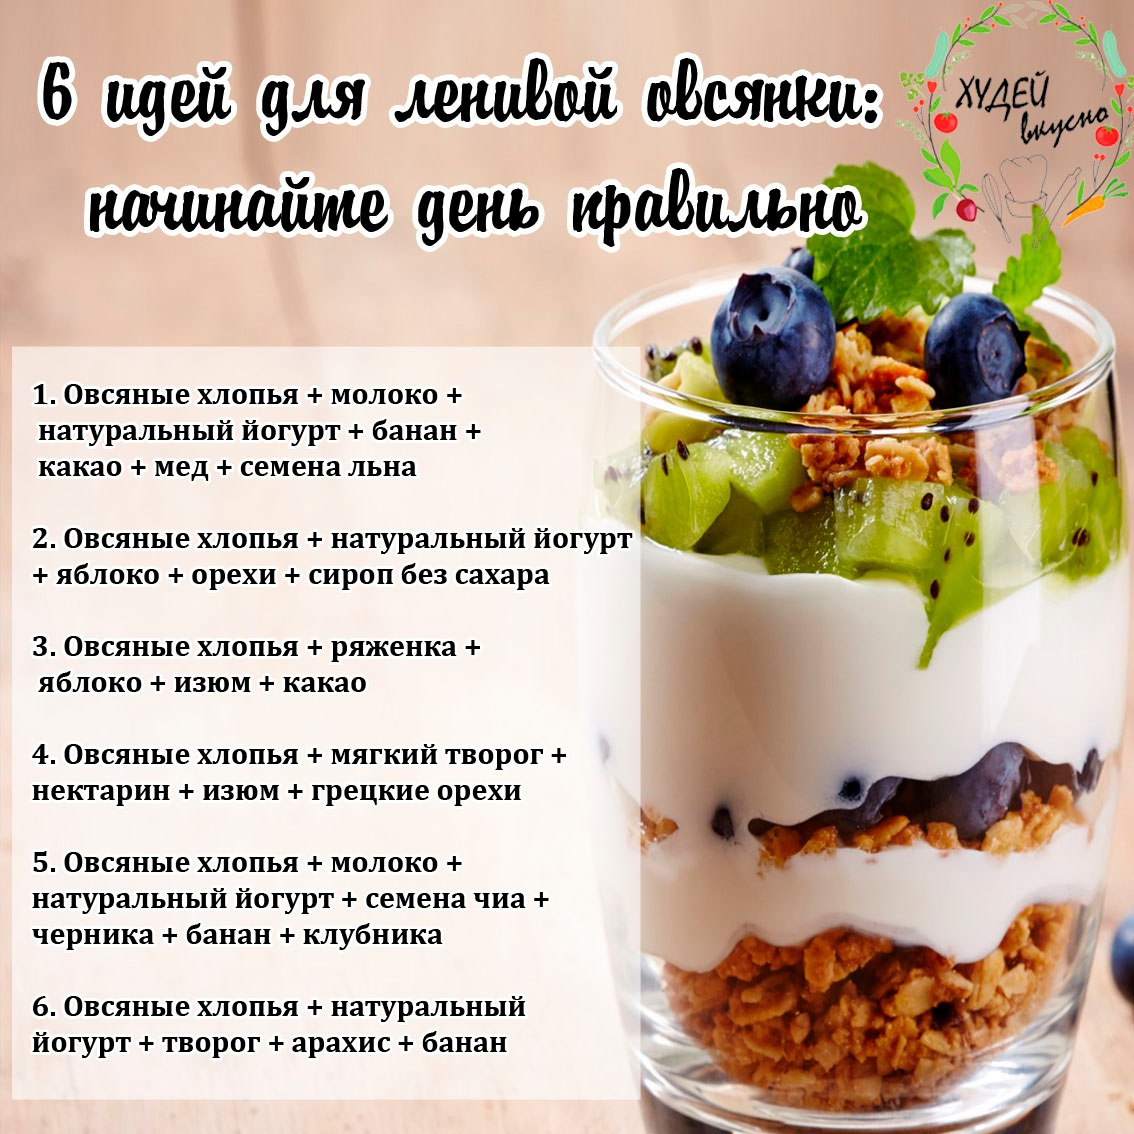 Рецепт похудения картинки